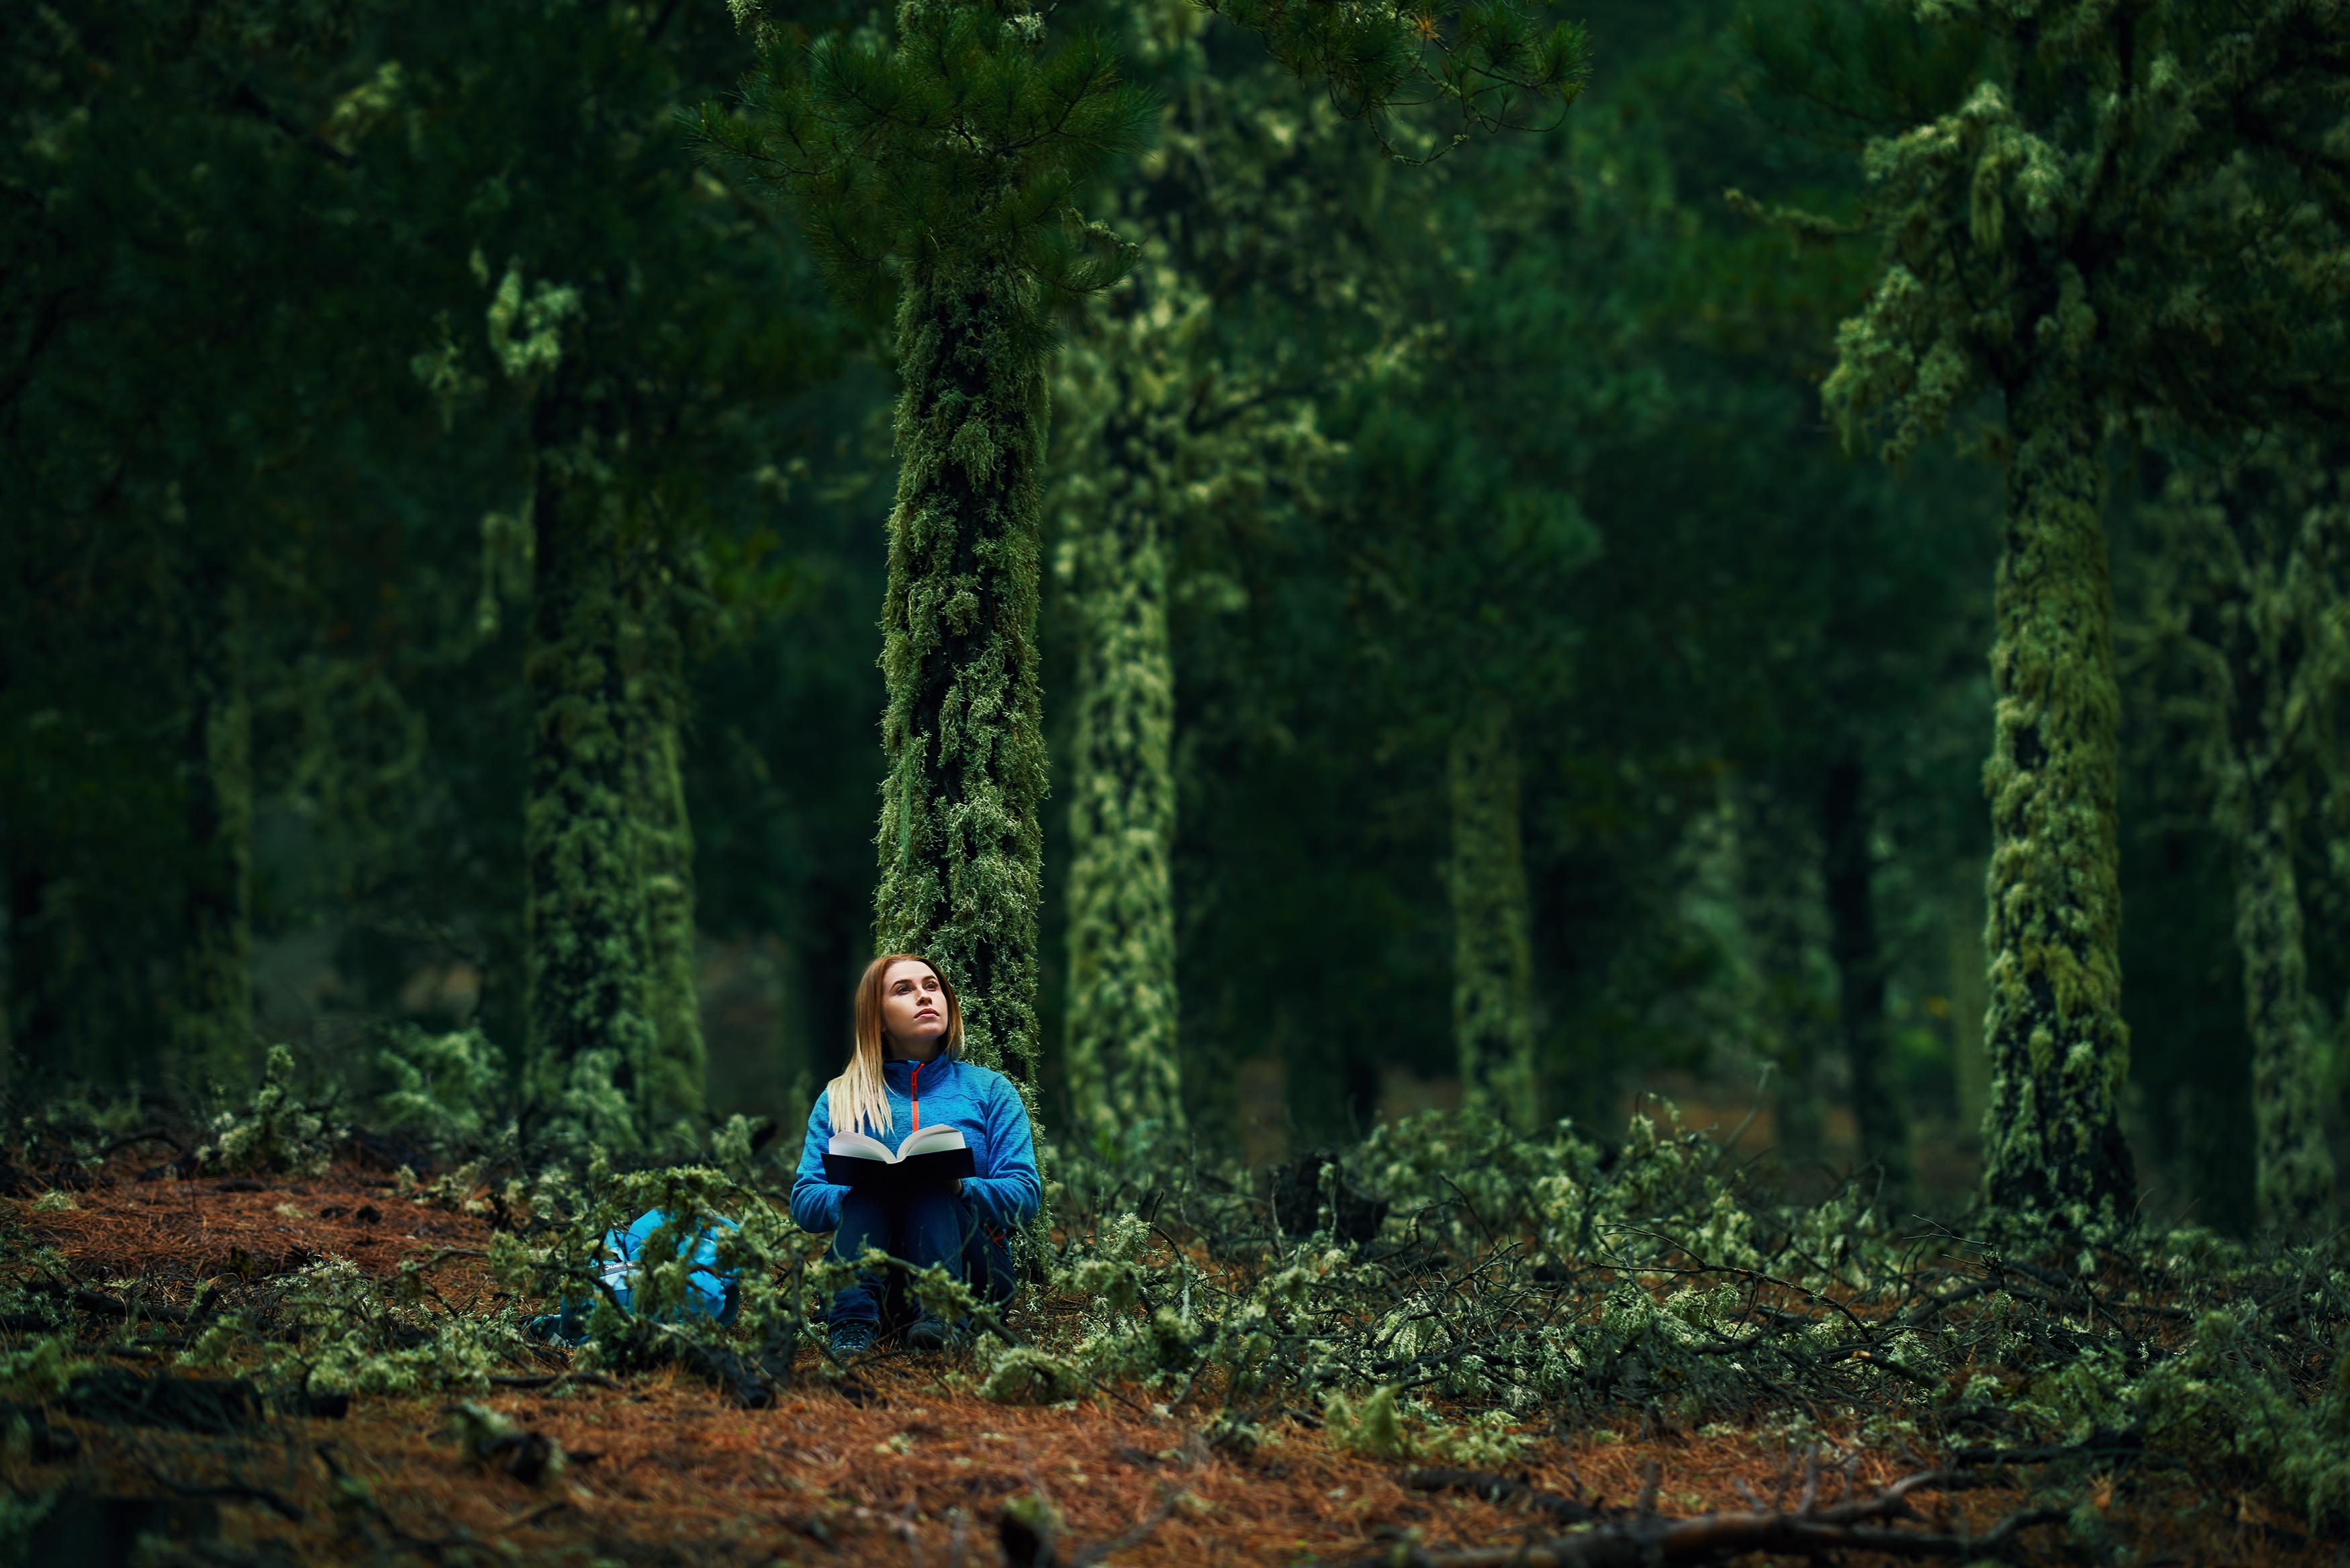 <p><strong>Waldeinsamkeit</strong> (немски)</p>  <p>Чувството, когато си сам сред природата (в гората). Чувство на мир, хармония, тишина и спокойствие.</p>